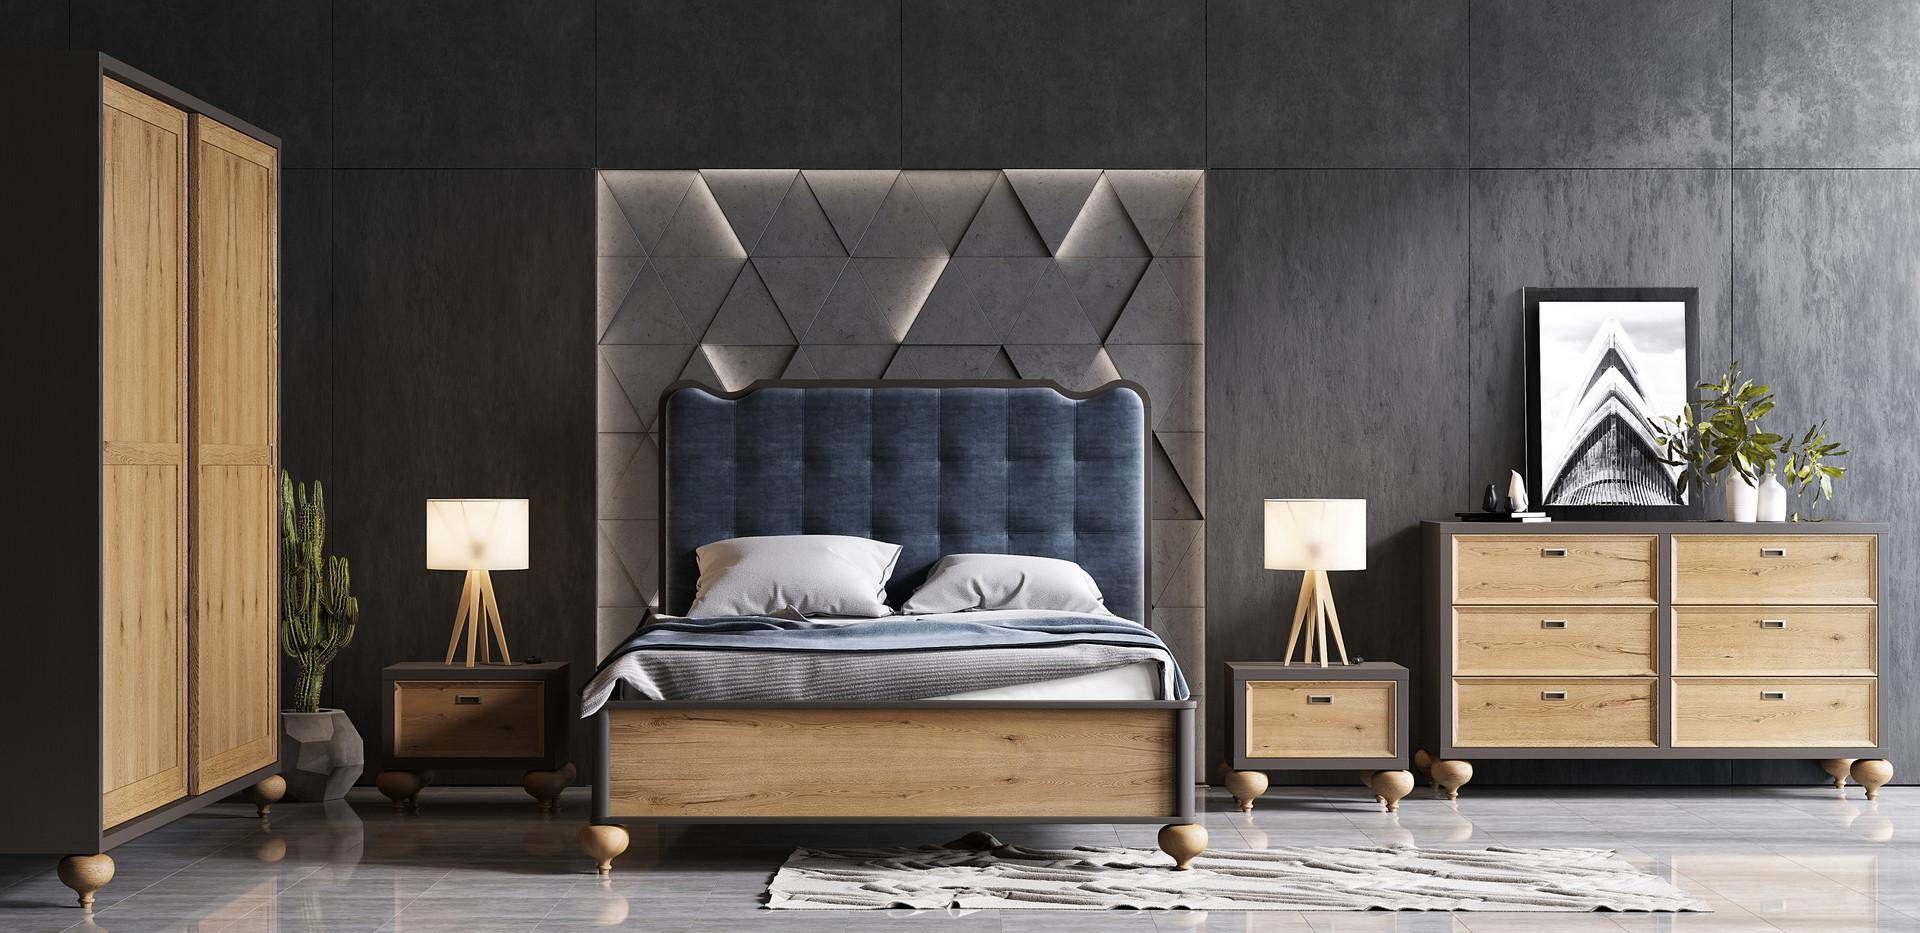 Bedroom_01_pos.jpg